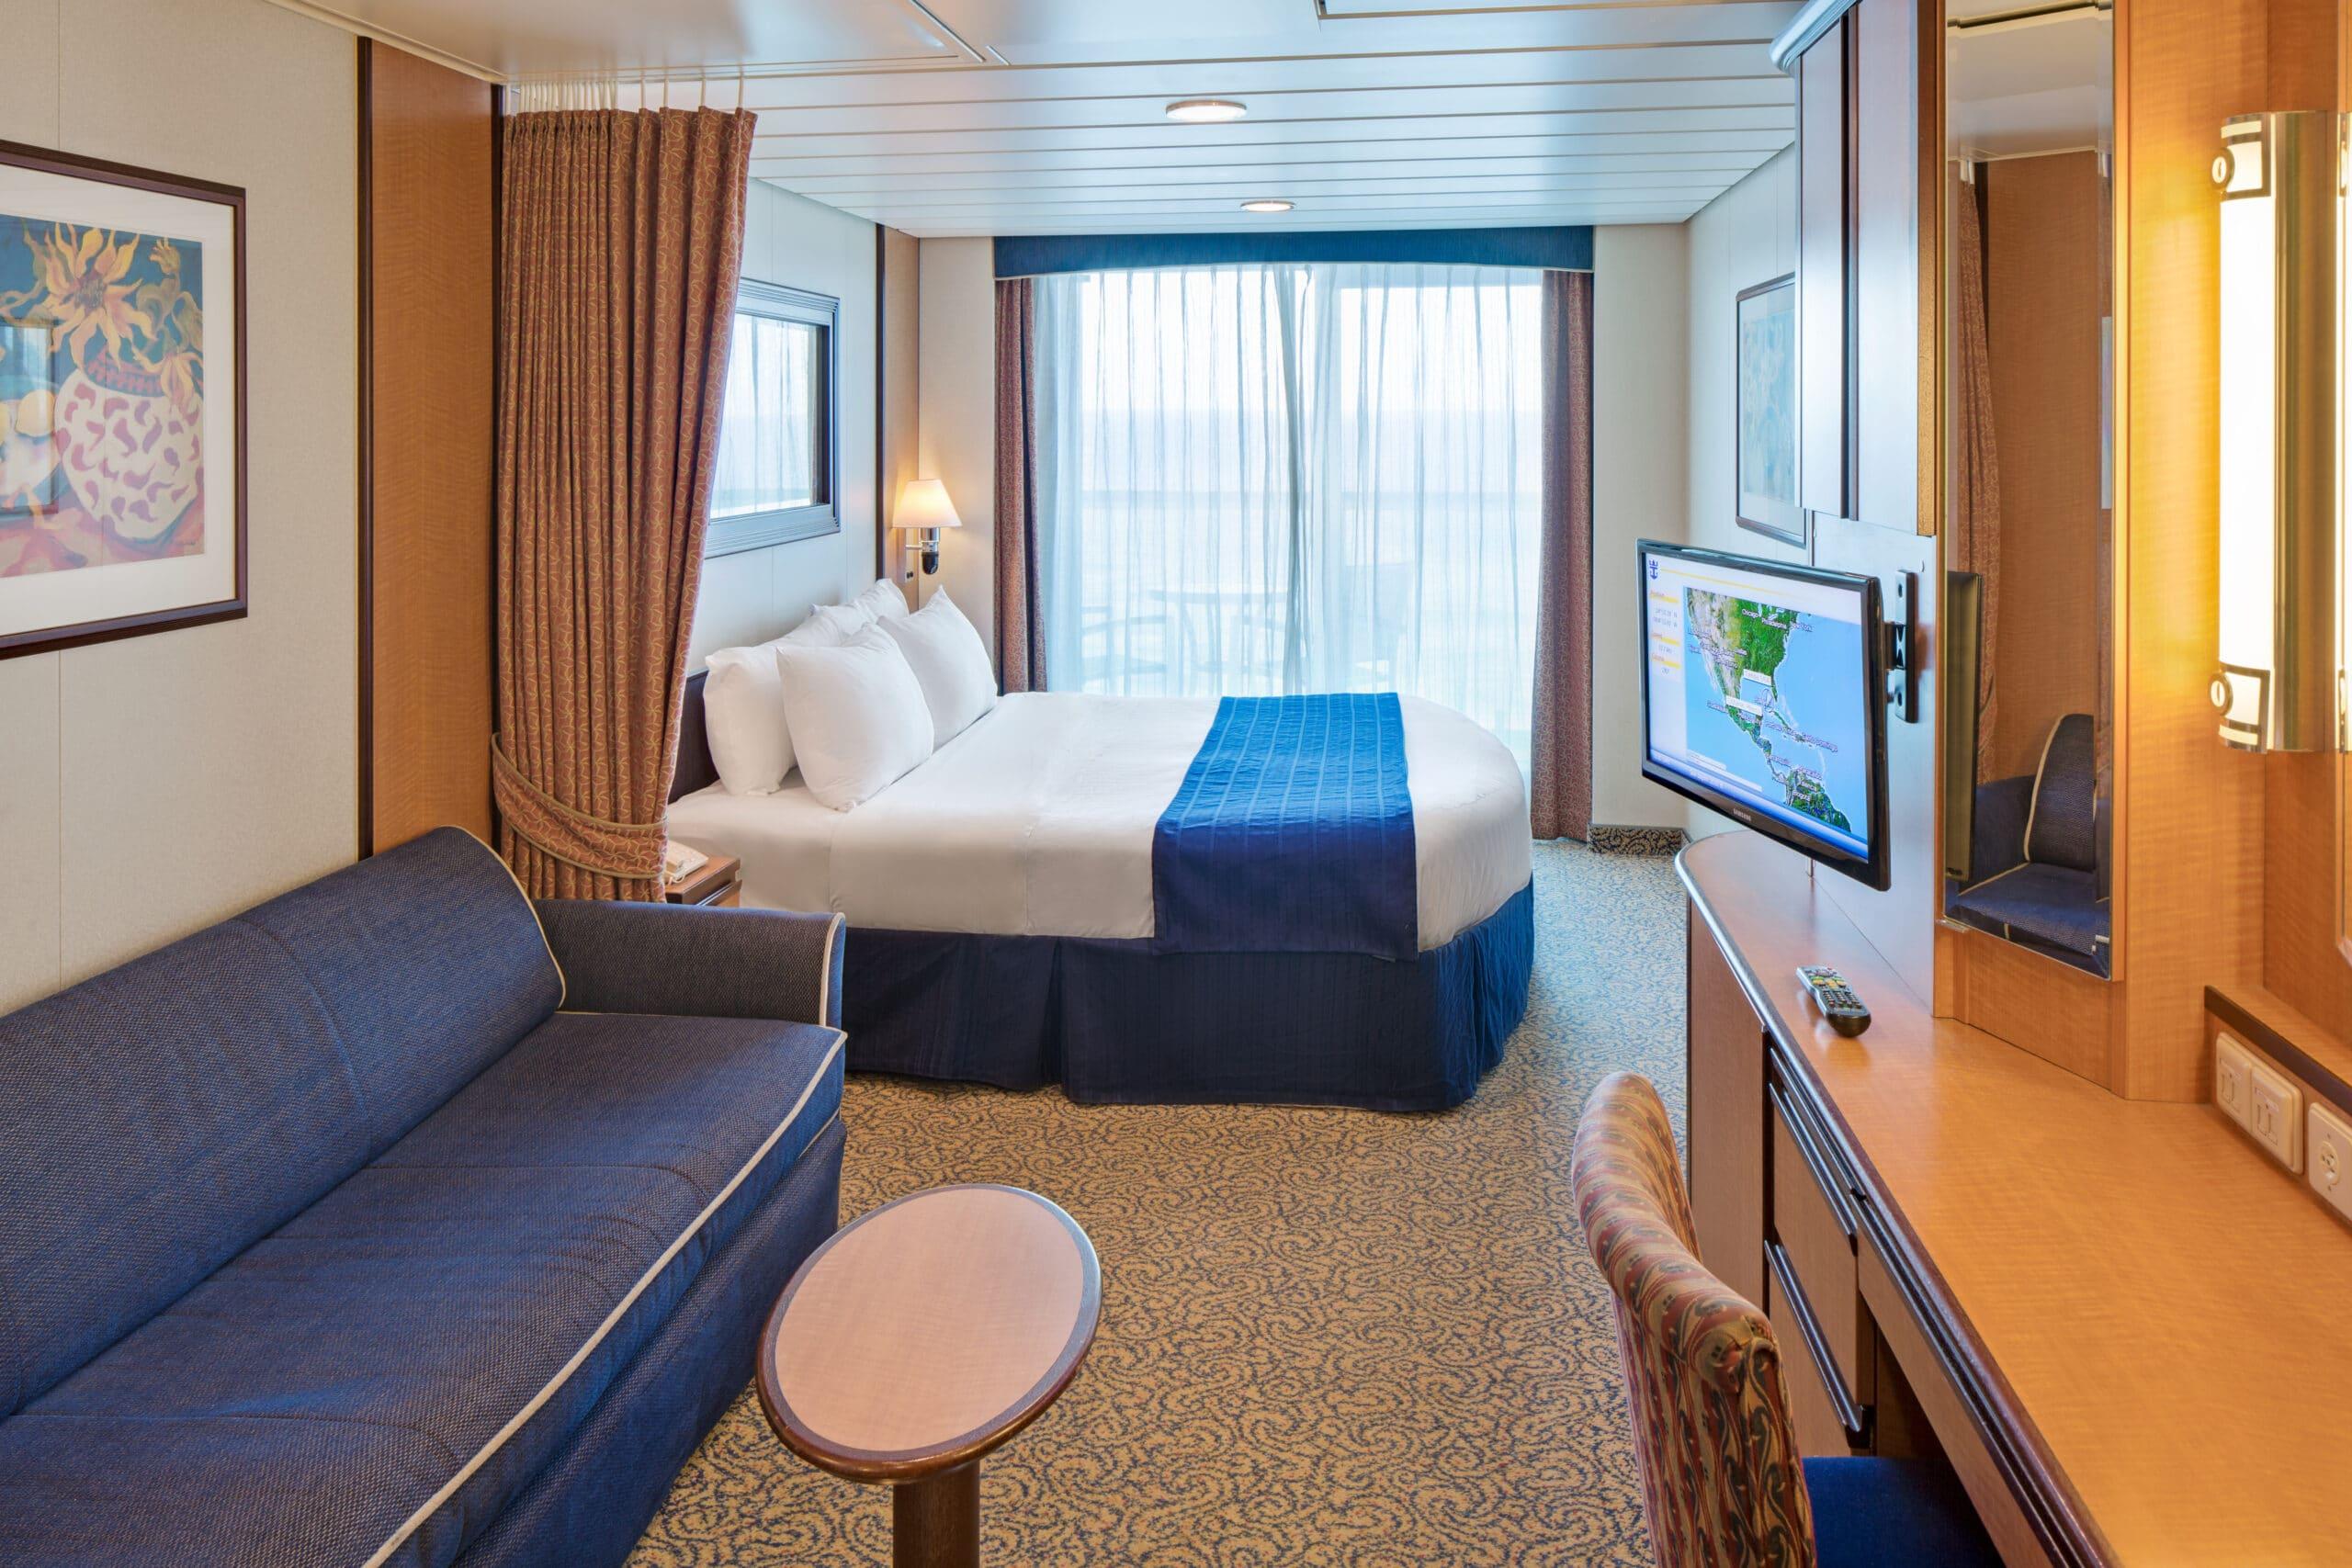 Royal-Caribbean-International-Brilliance-of-the-Seas-schip-cruiseschip-categorie-1D-2D-5D-6D-1b-2b-3b-4b-balkonhut-ruime